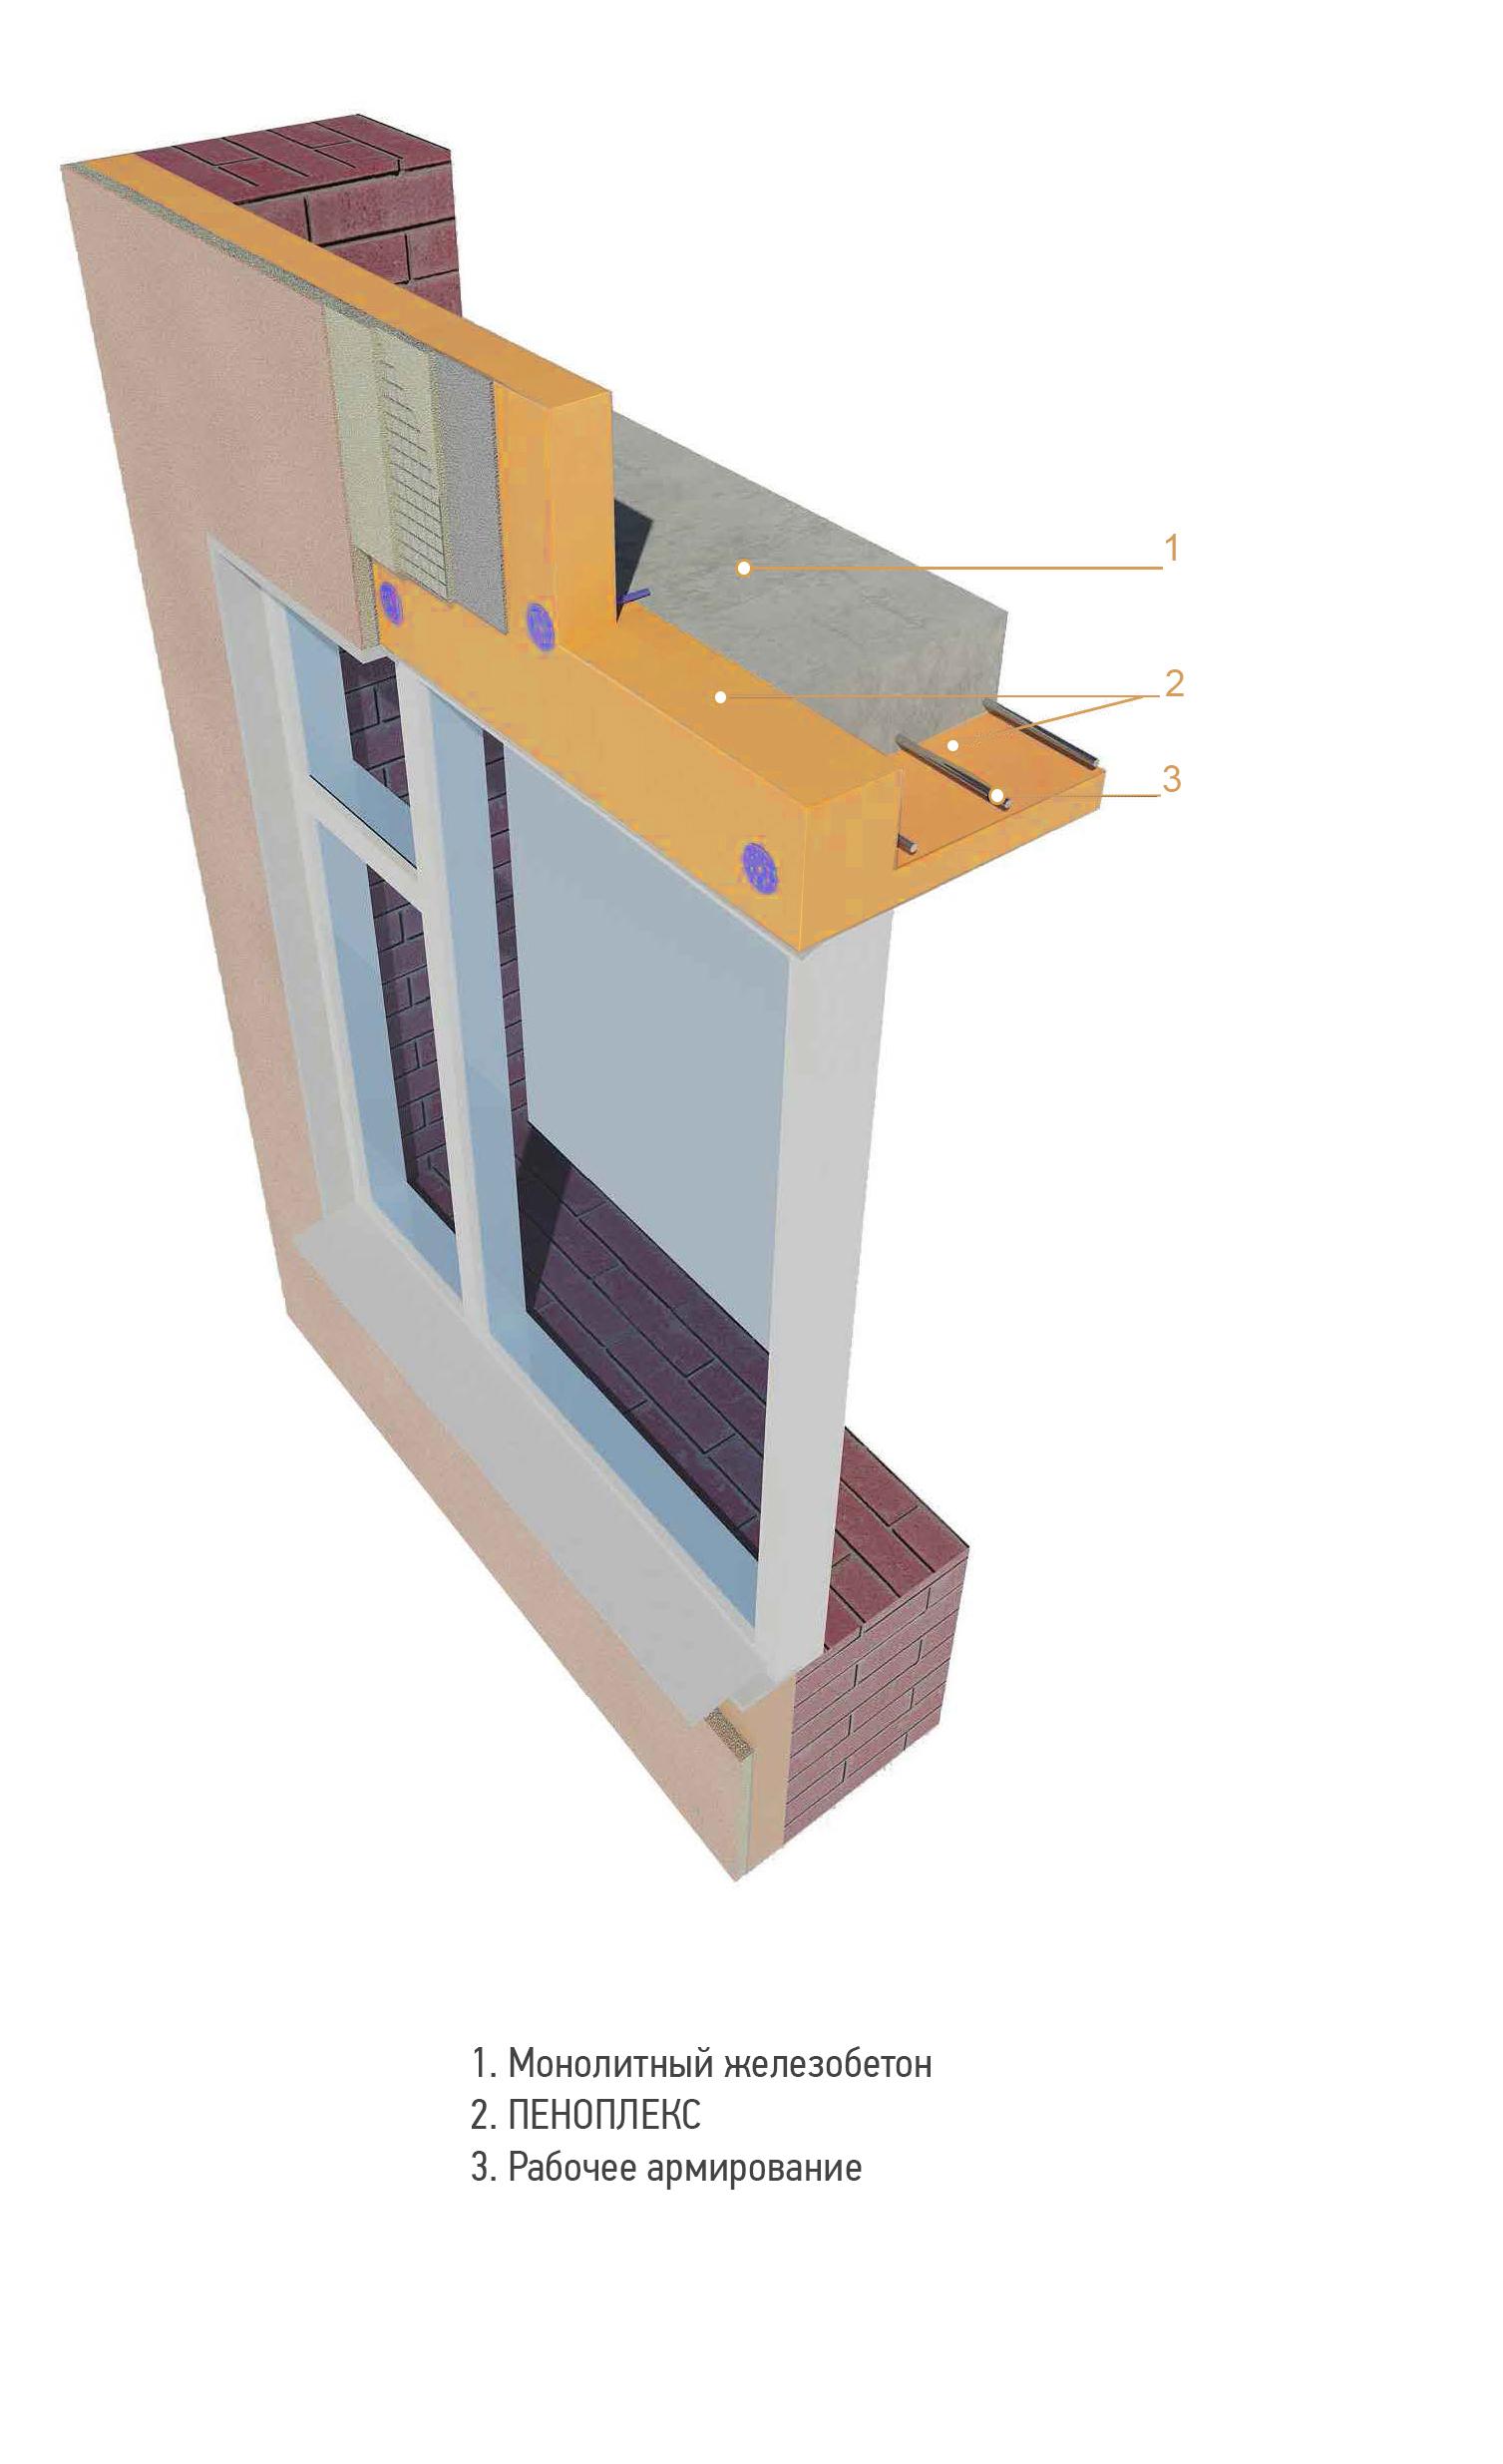 Оконные перемычки: железобетонные варианты между окнами в доме из газобетона, размеры конструкций для дверей по госту, как сделать для дверных проемов